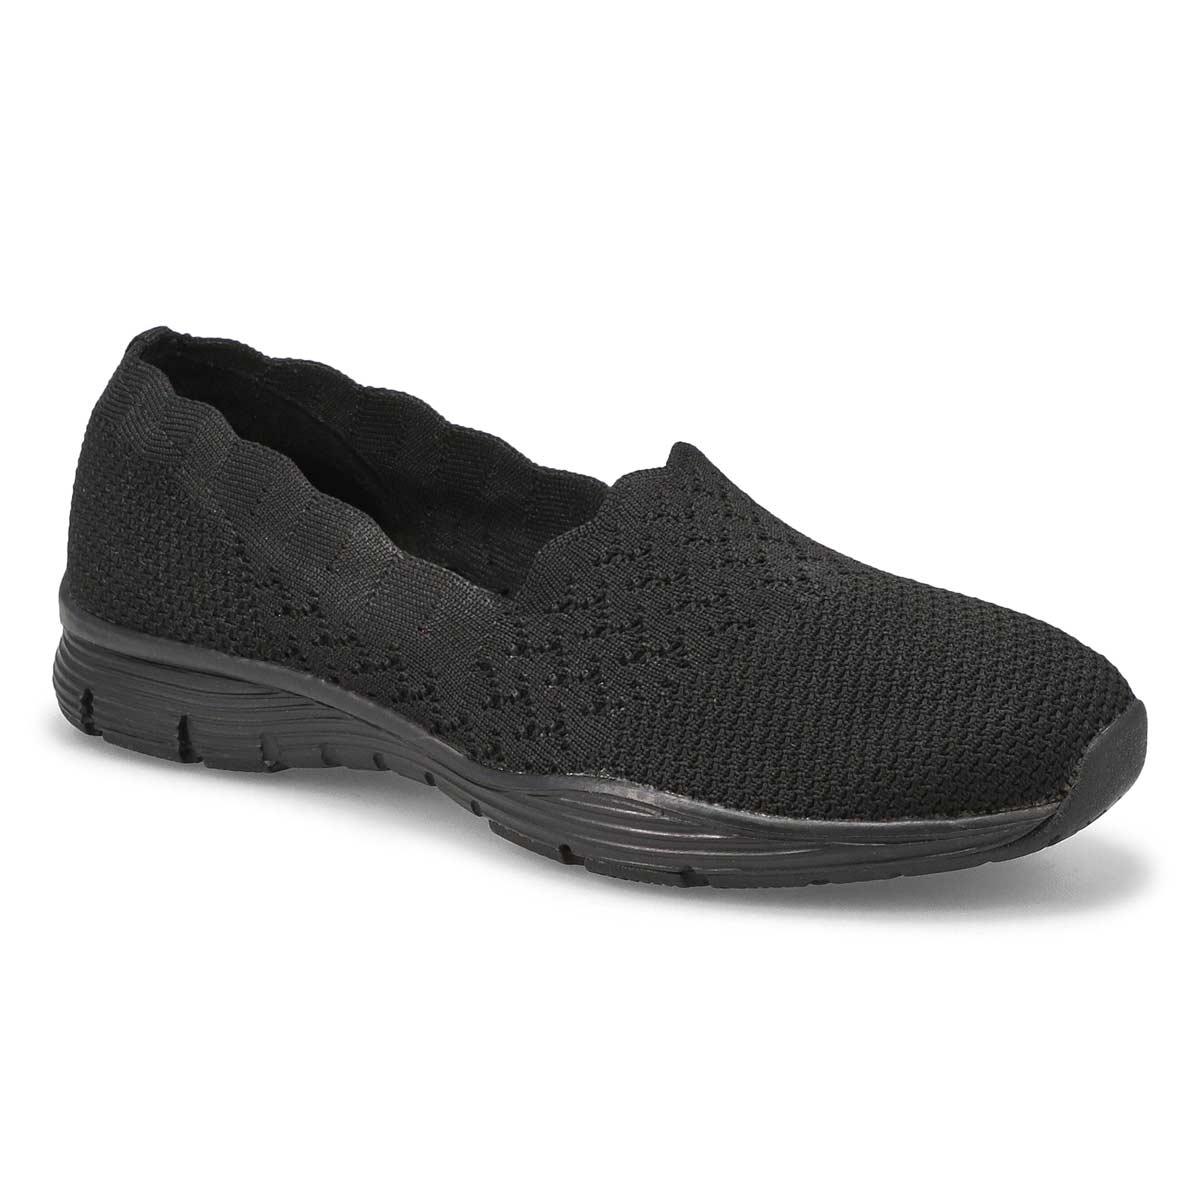 Lds Seager Stat blk/blk slip on shoe